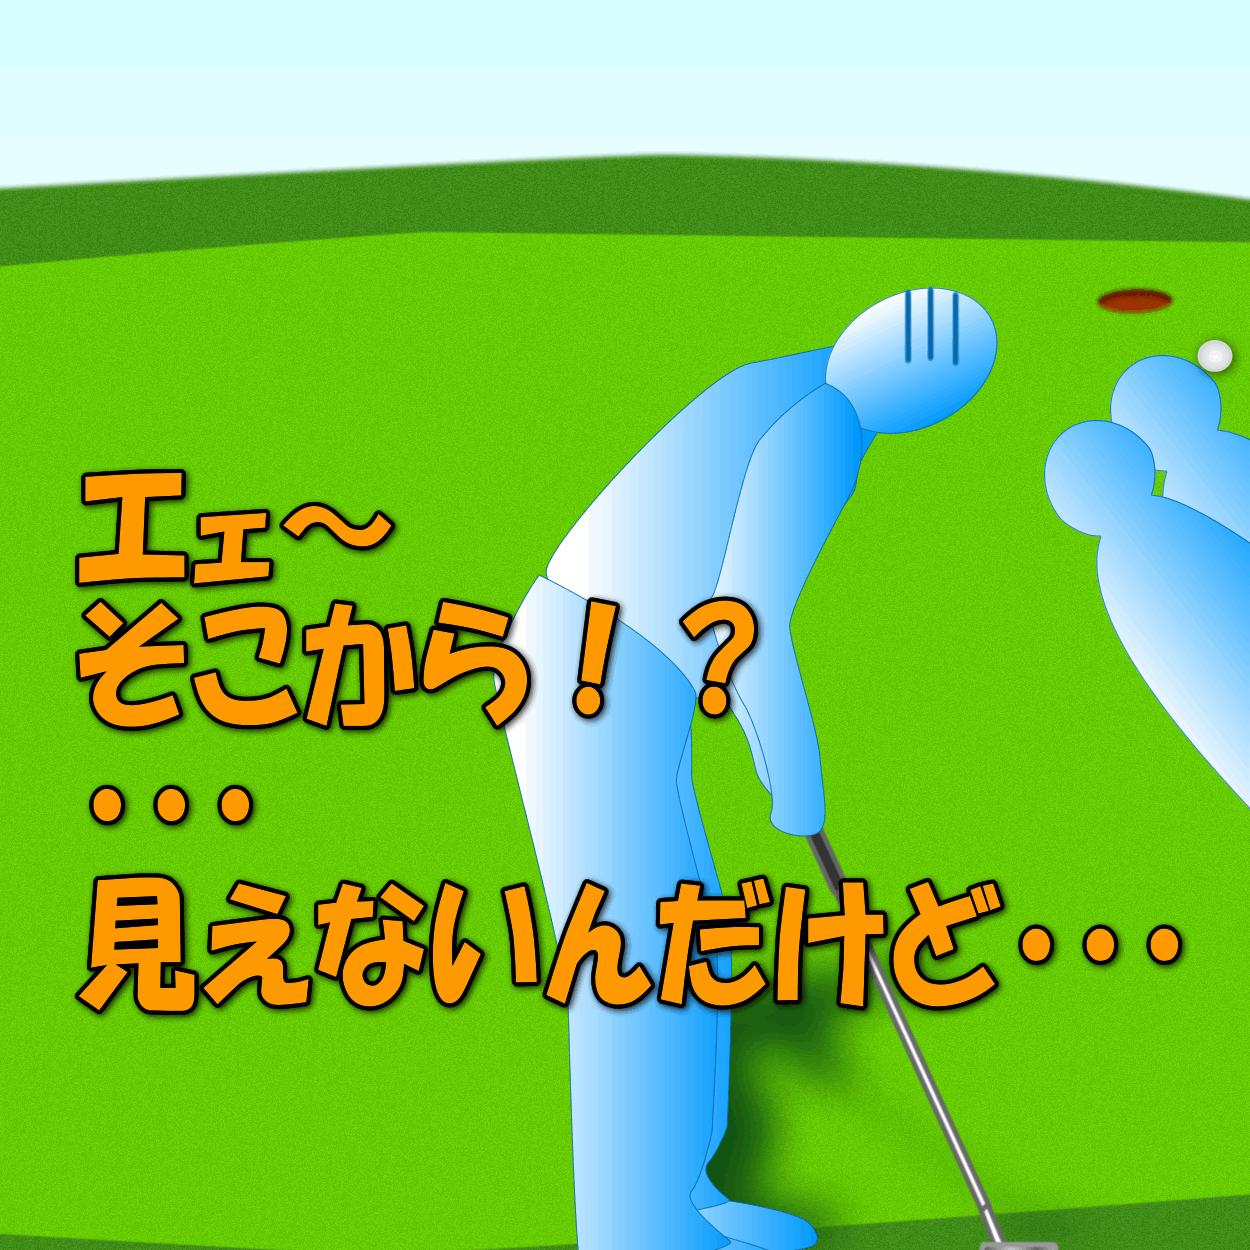 ゴルフではこれをすると嫌われる